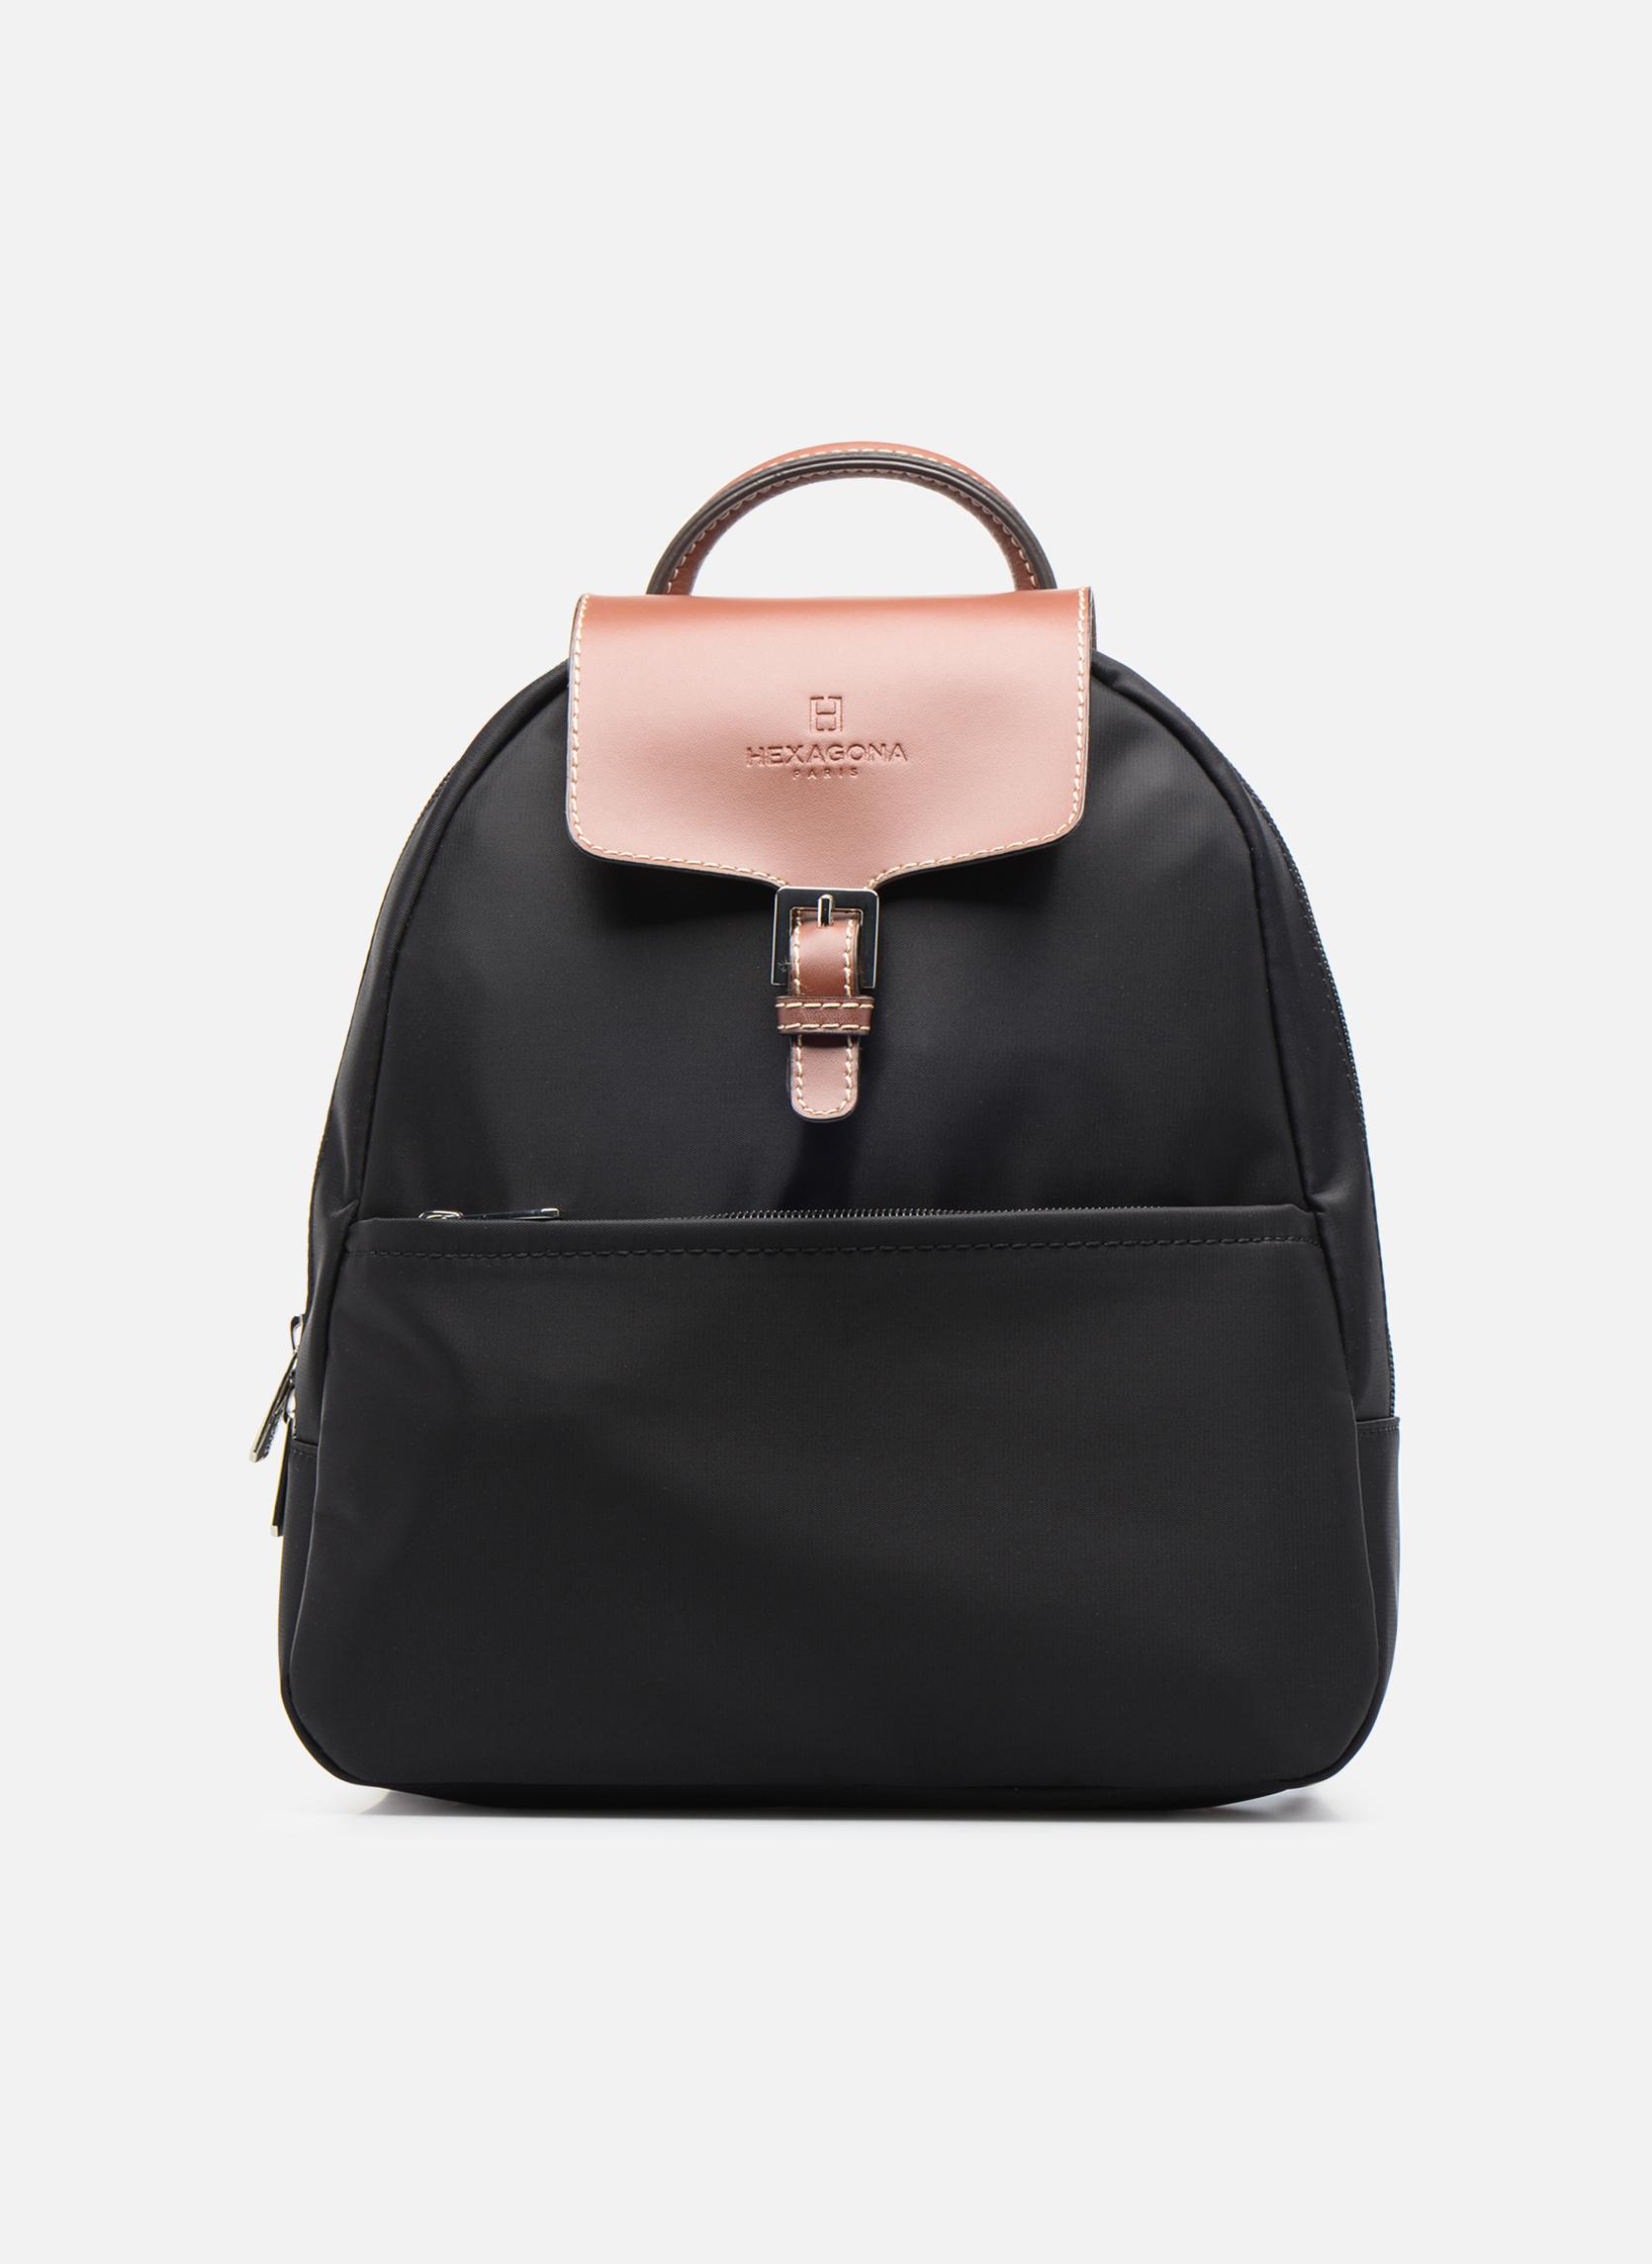 Rucksäcke Taschen Sac à dos nylon